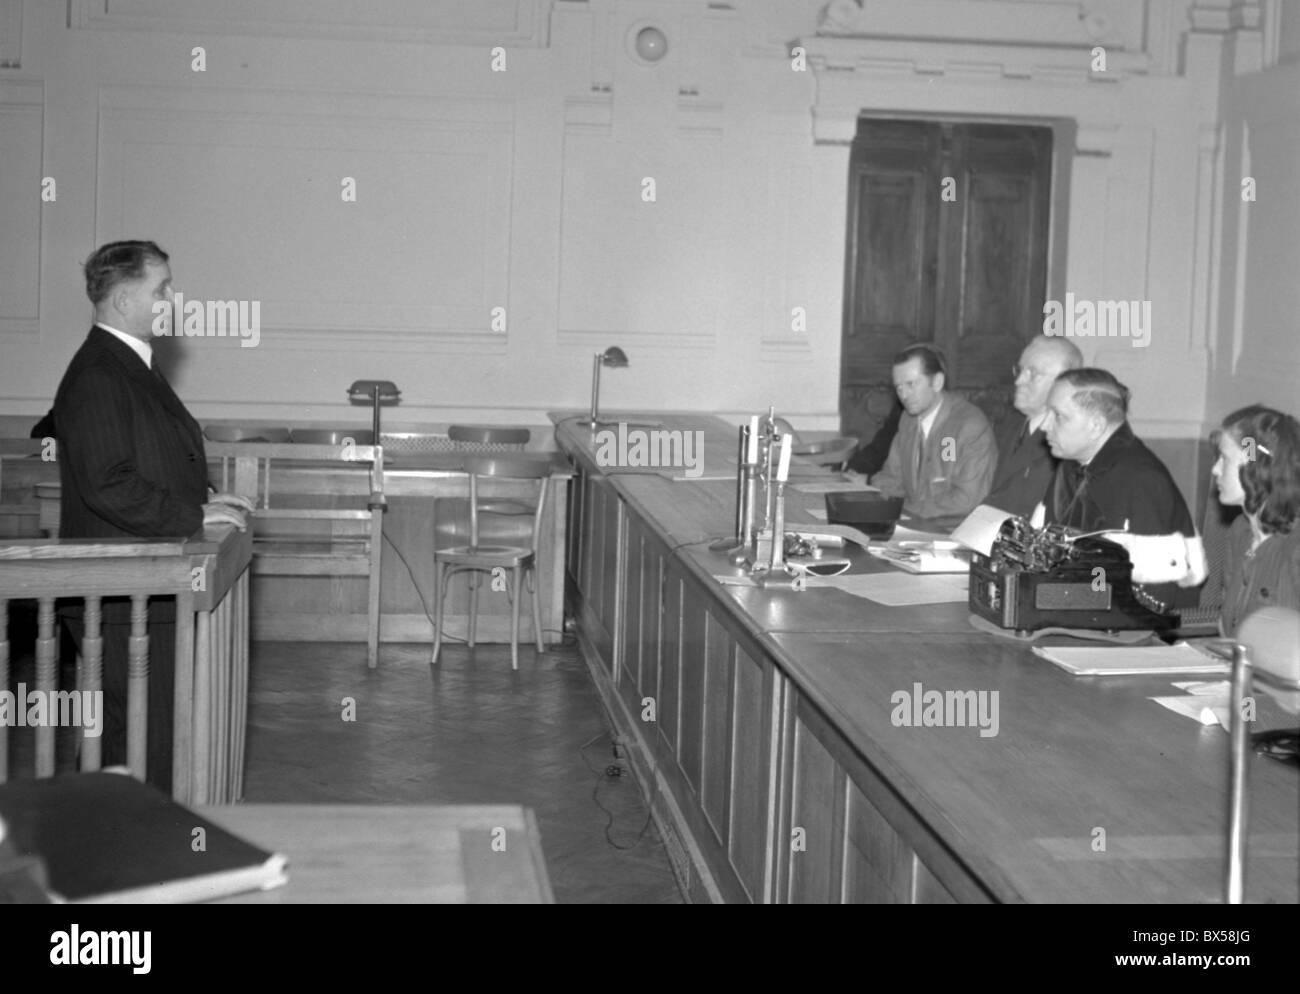 National Court, Josef Urvalek, Frantisek Machlik - Stock Image